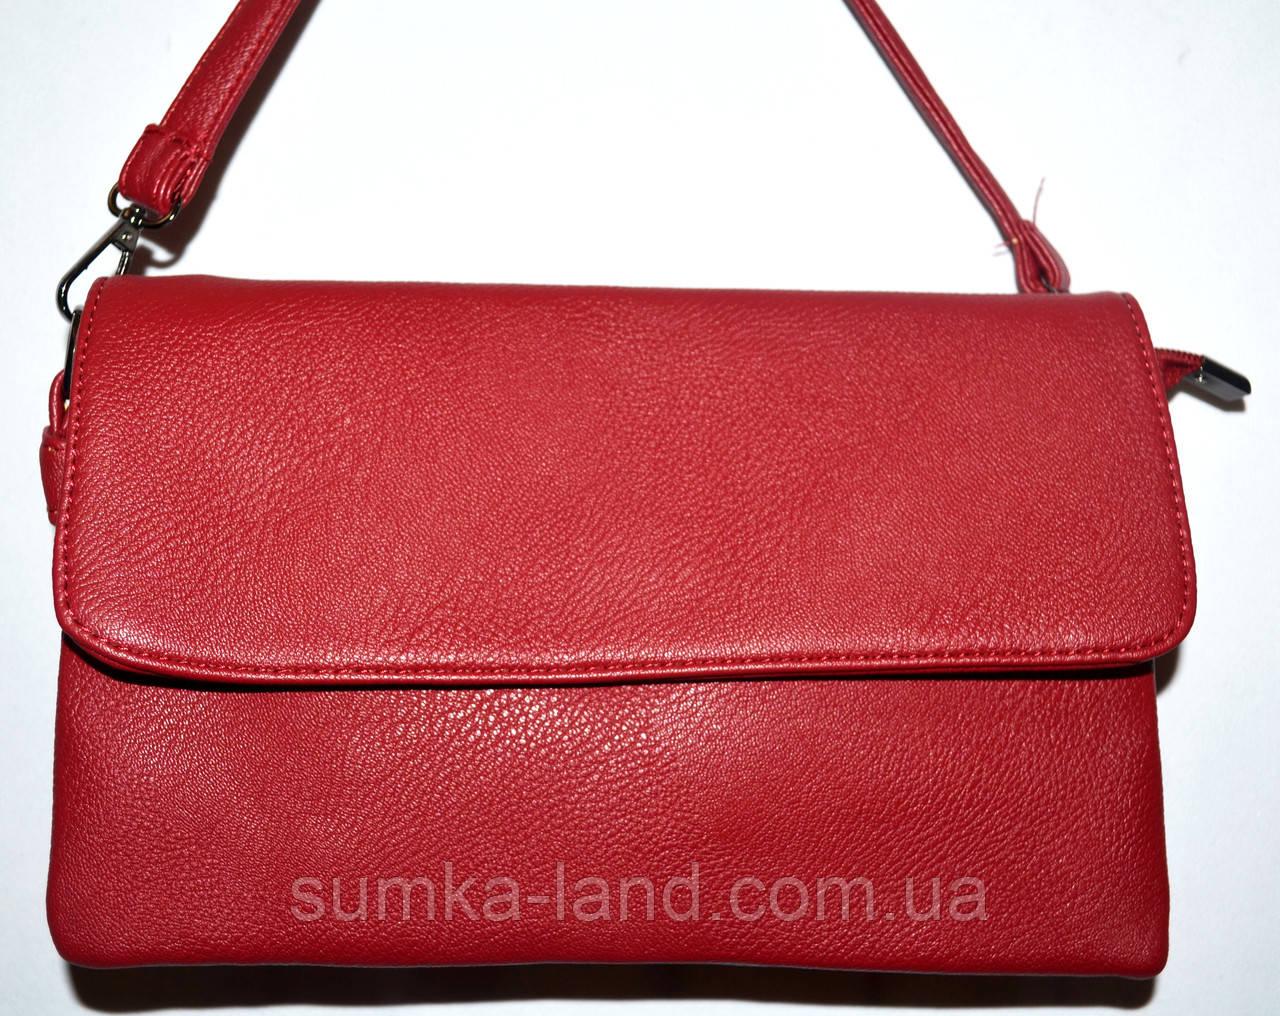 Женский красный клатч-конверт на несколько отделений 27*16 см